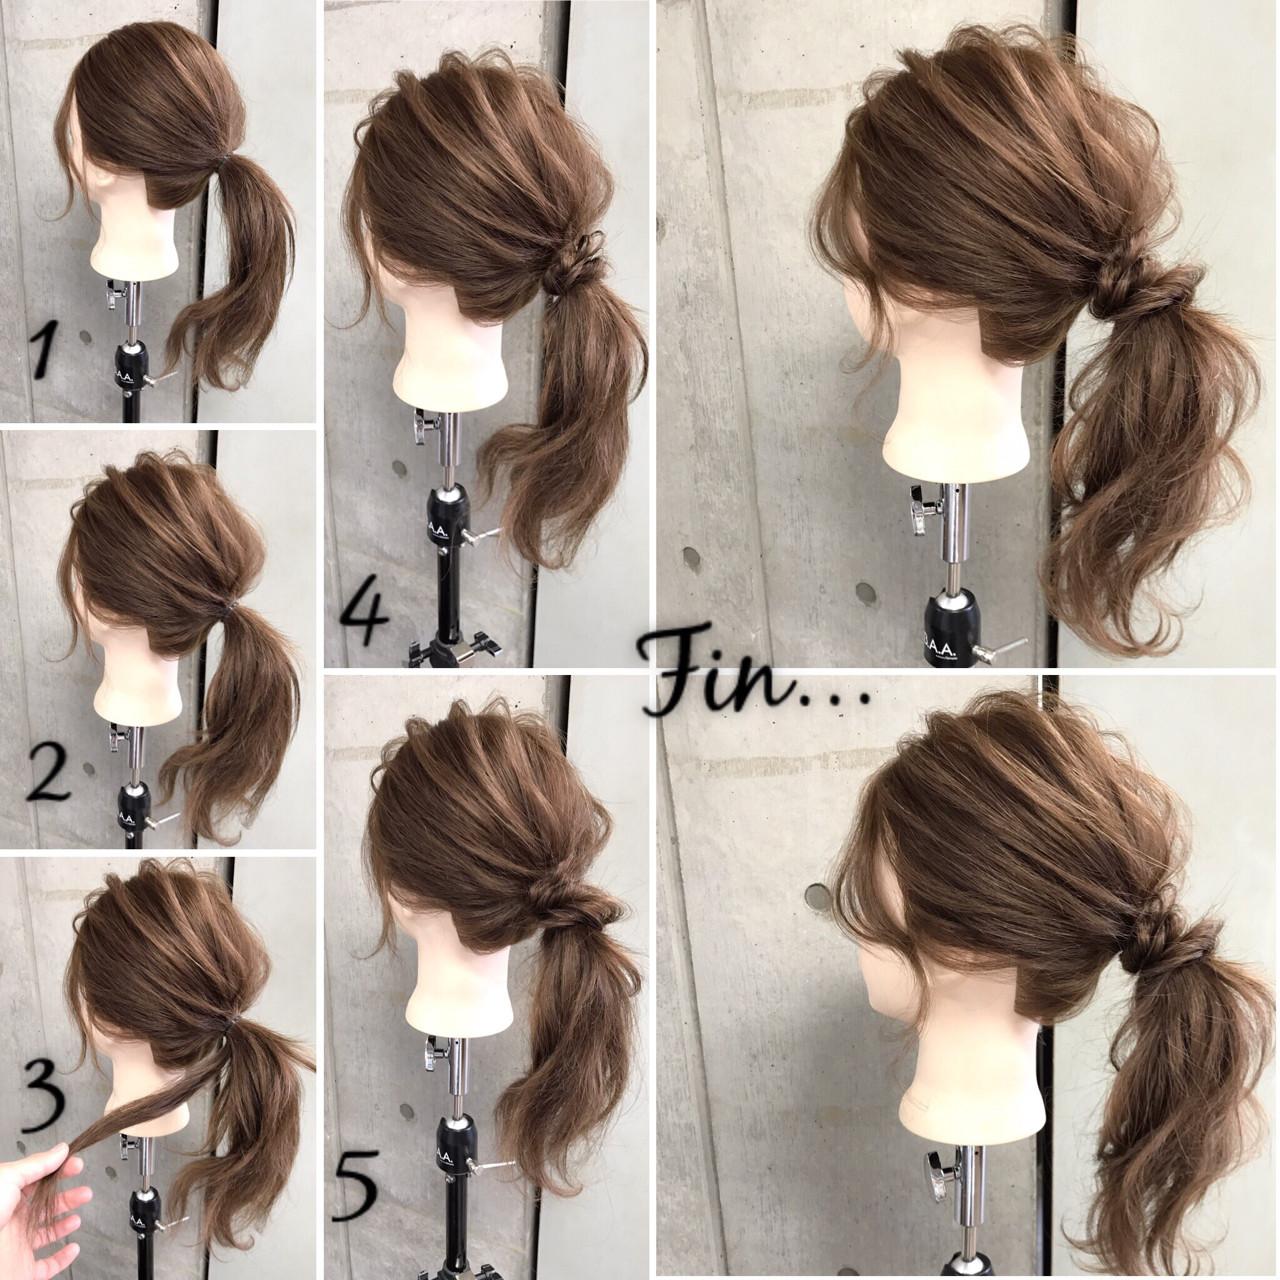 ナチュラル 大人女子 簡単 簡単ヘアアレンジ ヘアスタイルや髪型の写真・画像